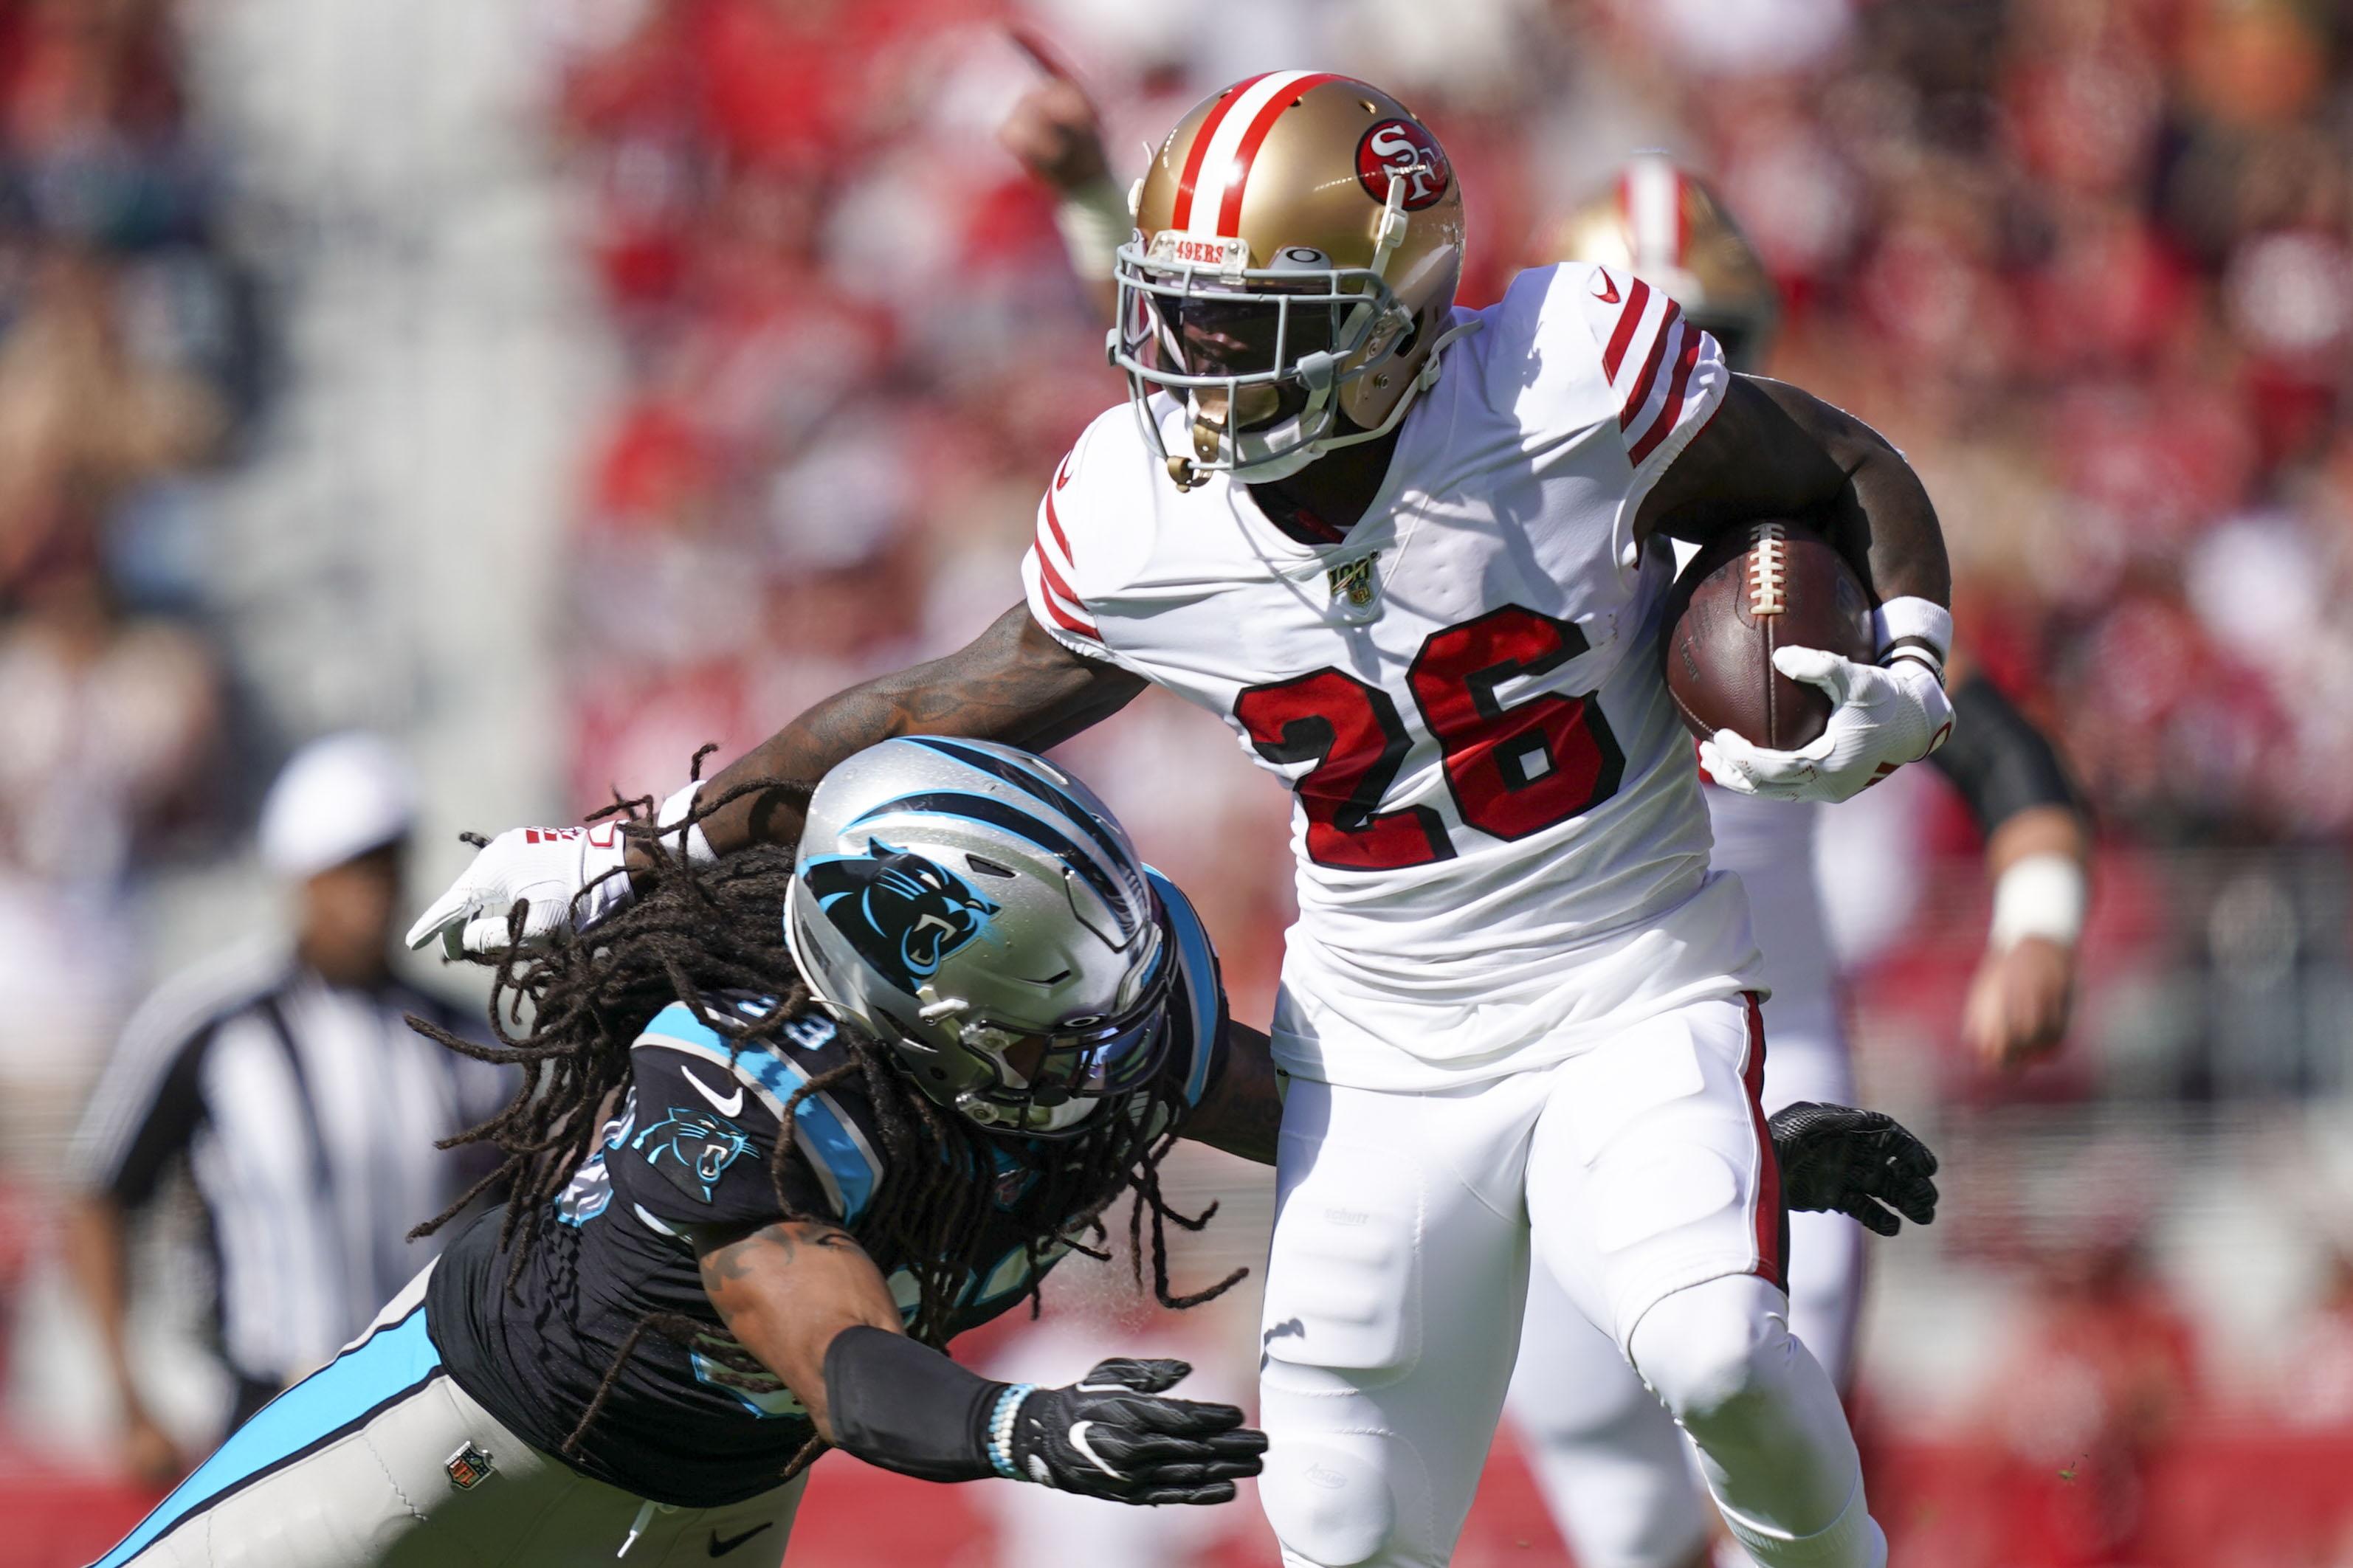 Top five NFL performers in Week 8